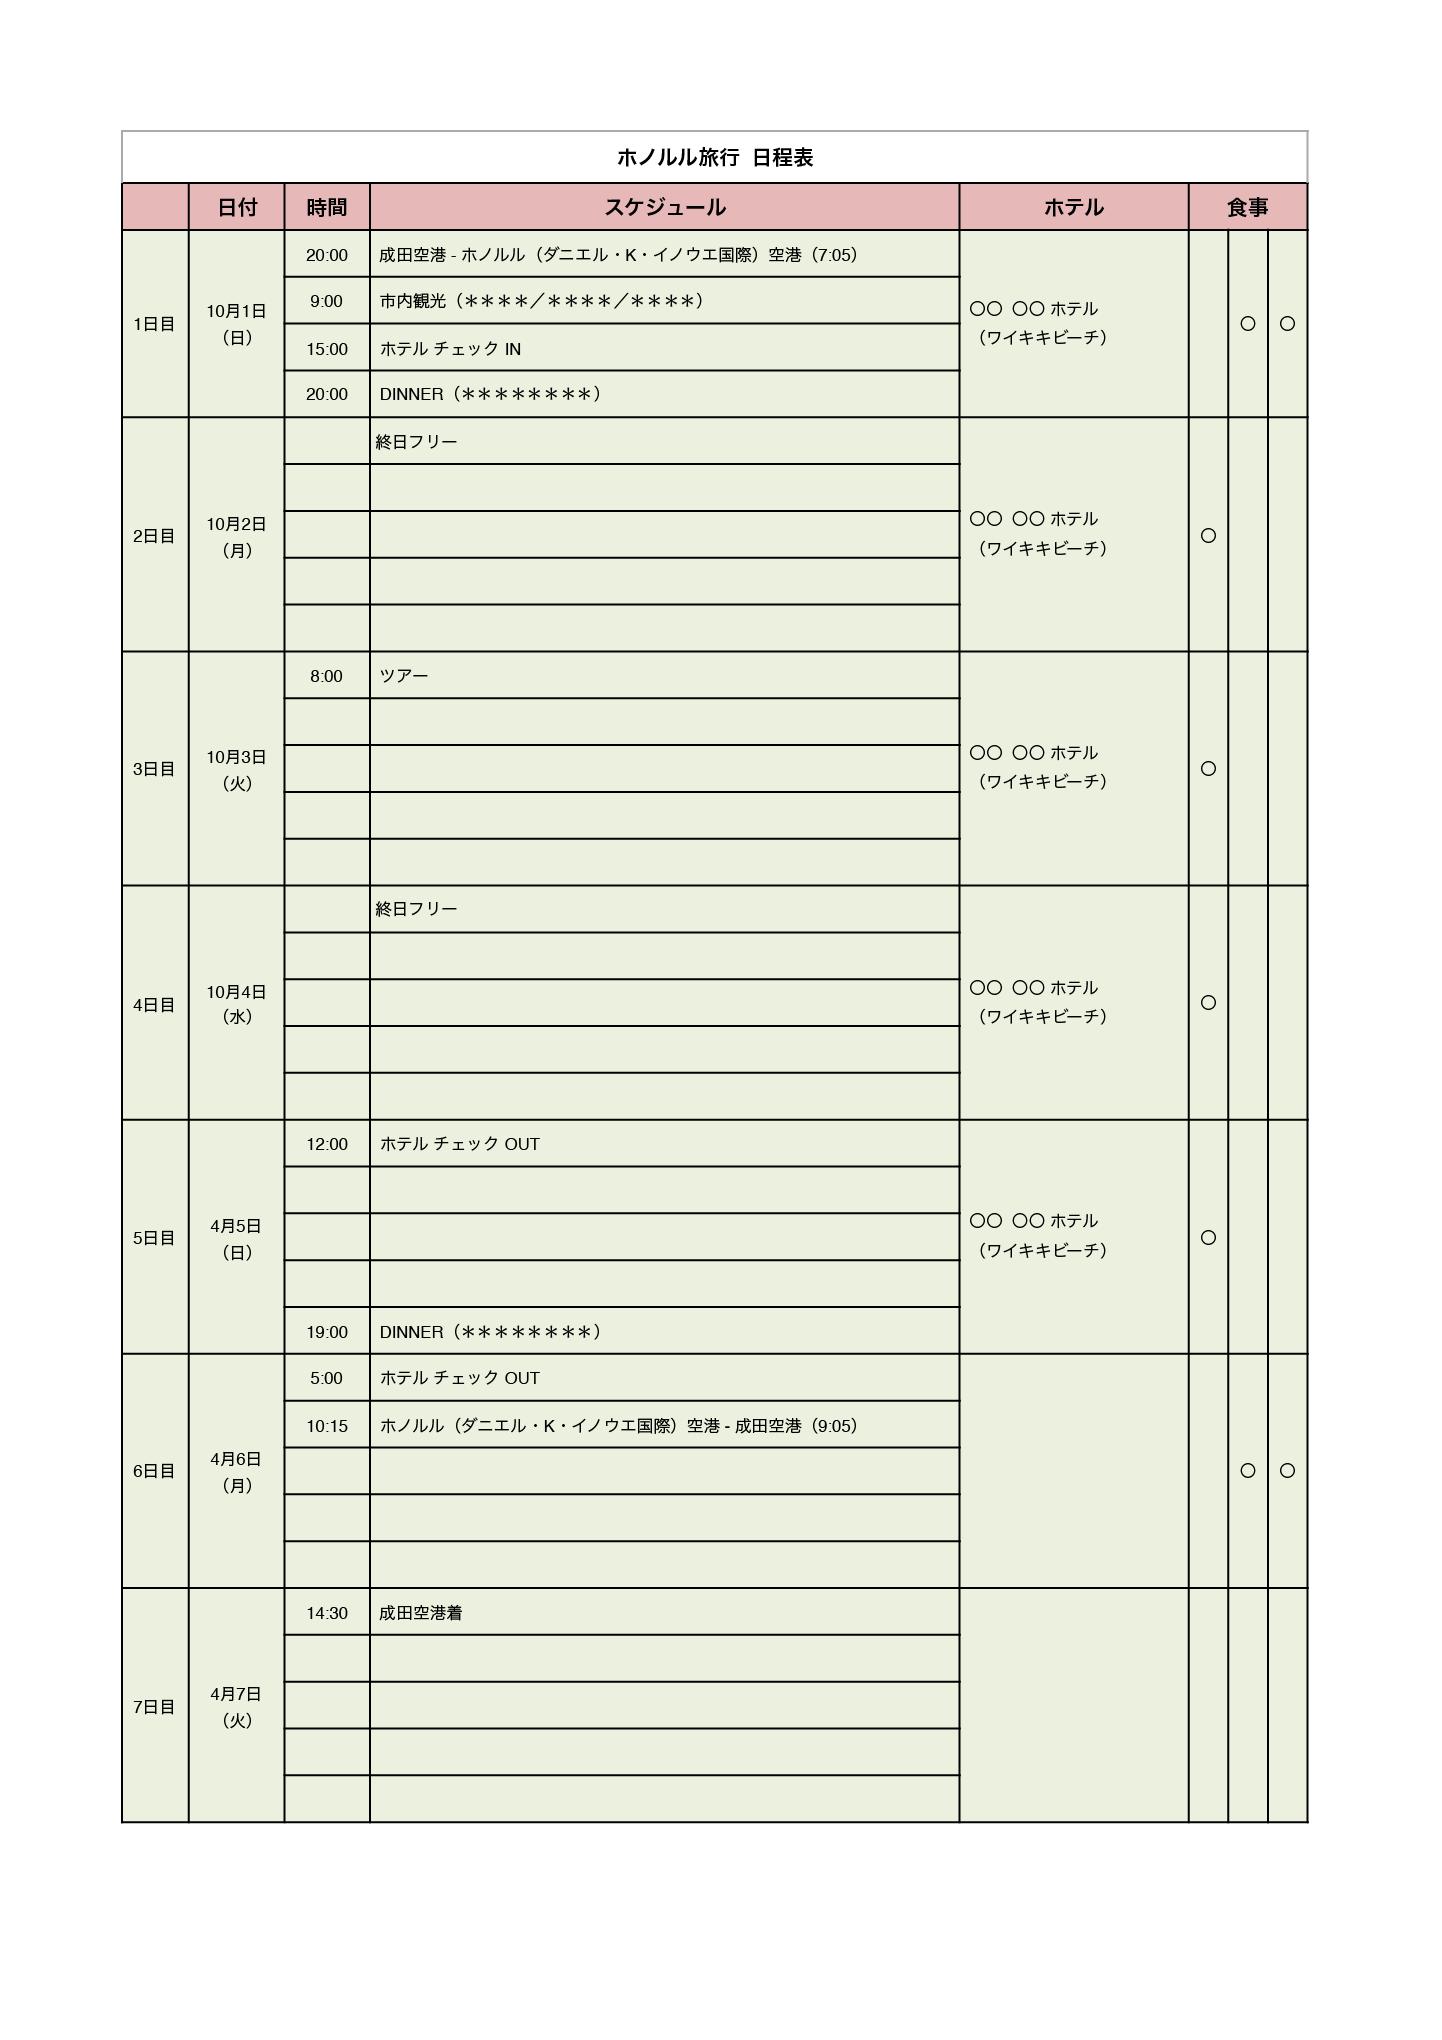 1週間の旅行に使える日程表 テンプレート(エクセル・ナンバーズ)